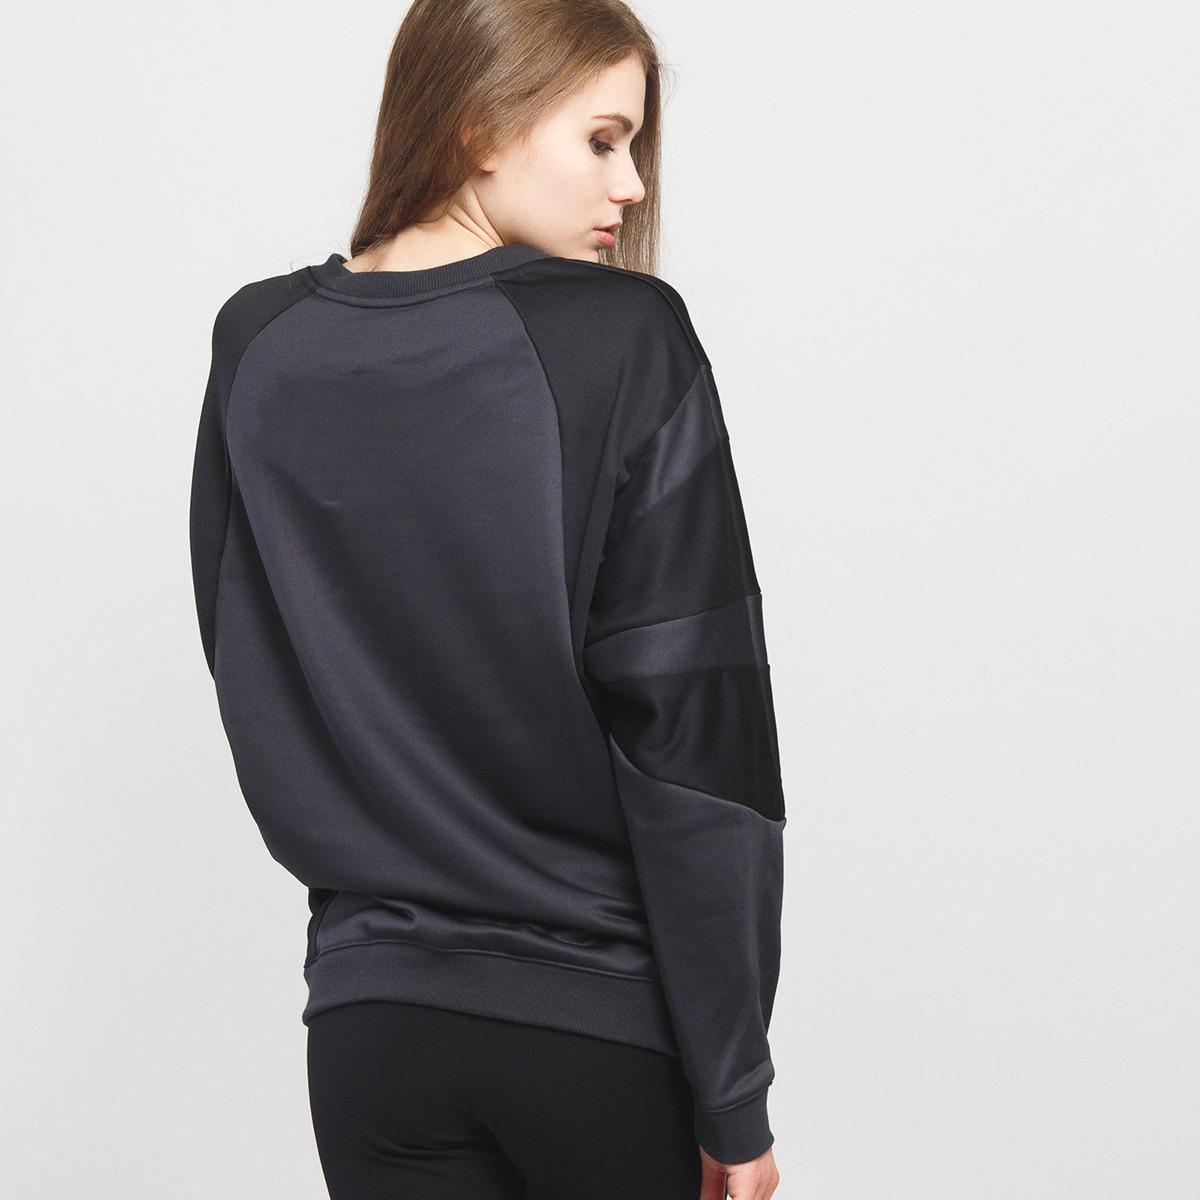 online store 5c8e8 99072 adidas Originals Wmns EQT Sweatshirt - SPORTING GOODS Sports ...